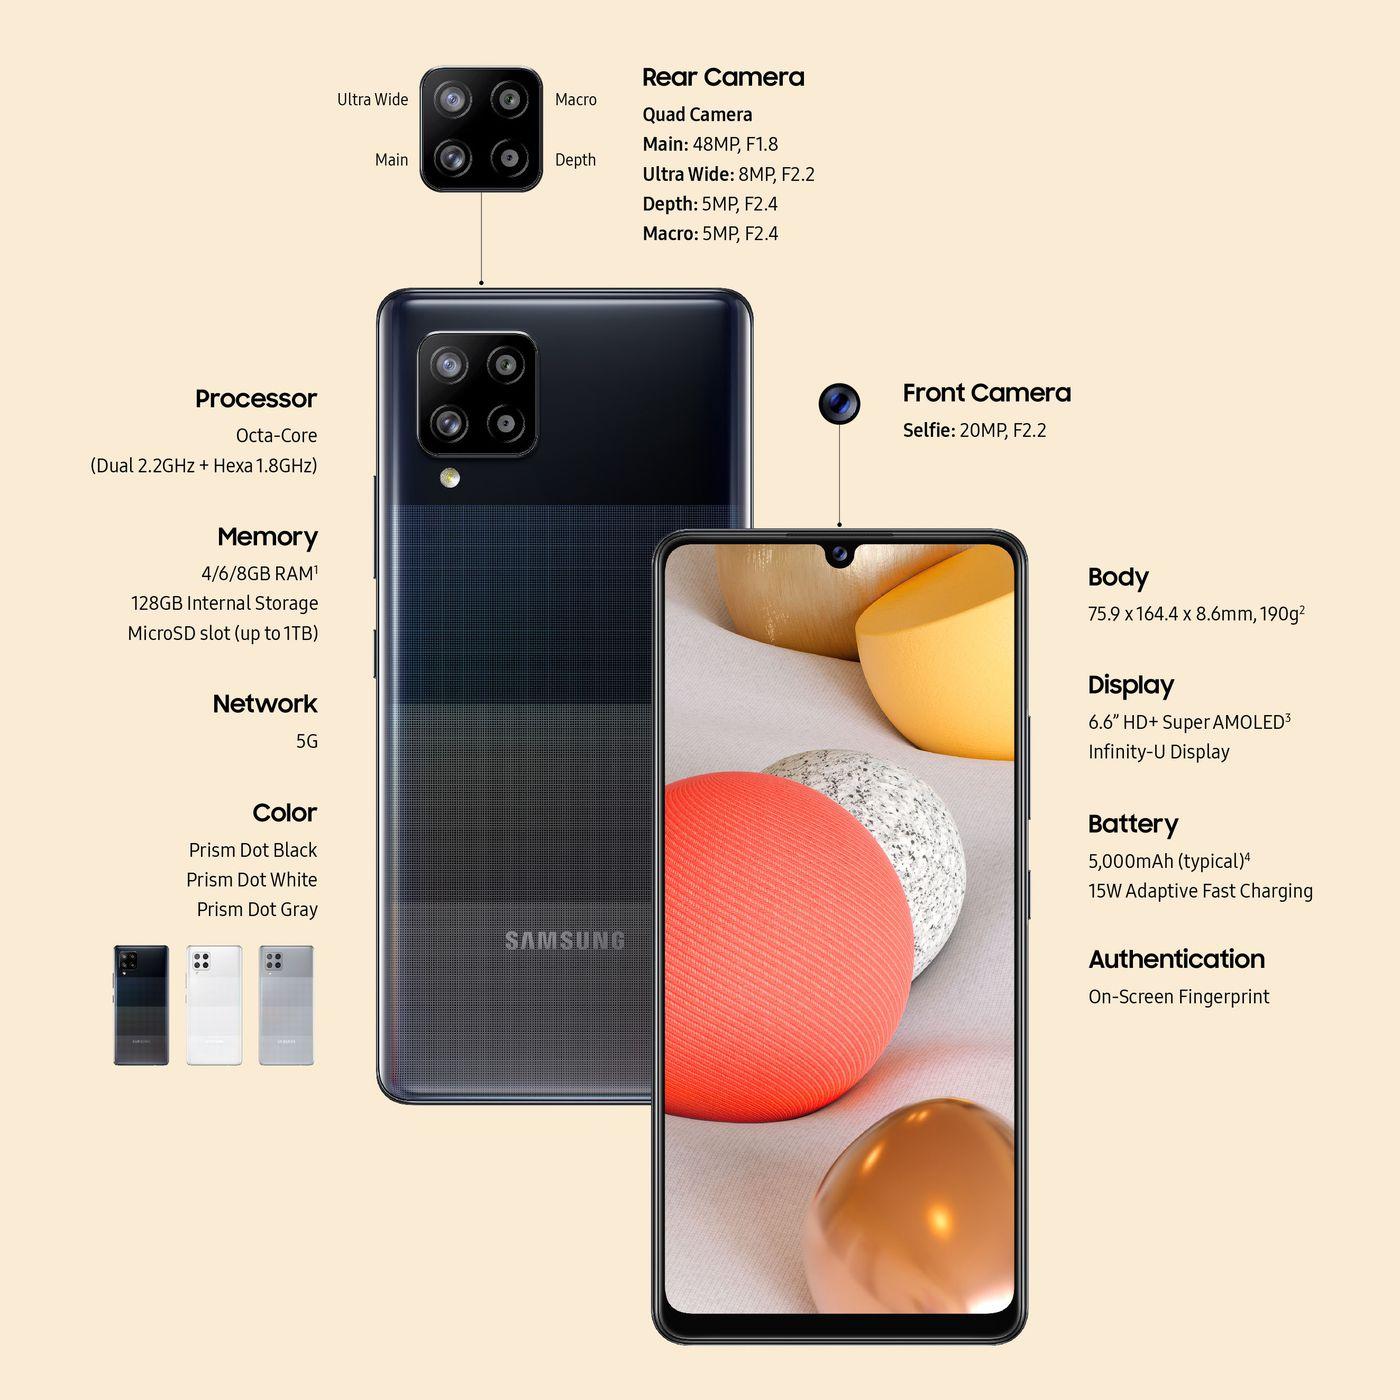 Samsung announces an even cheaper 5G phone - The Verge